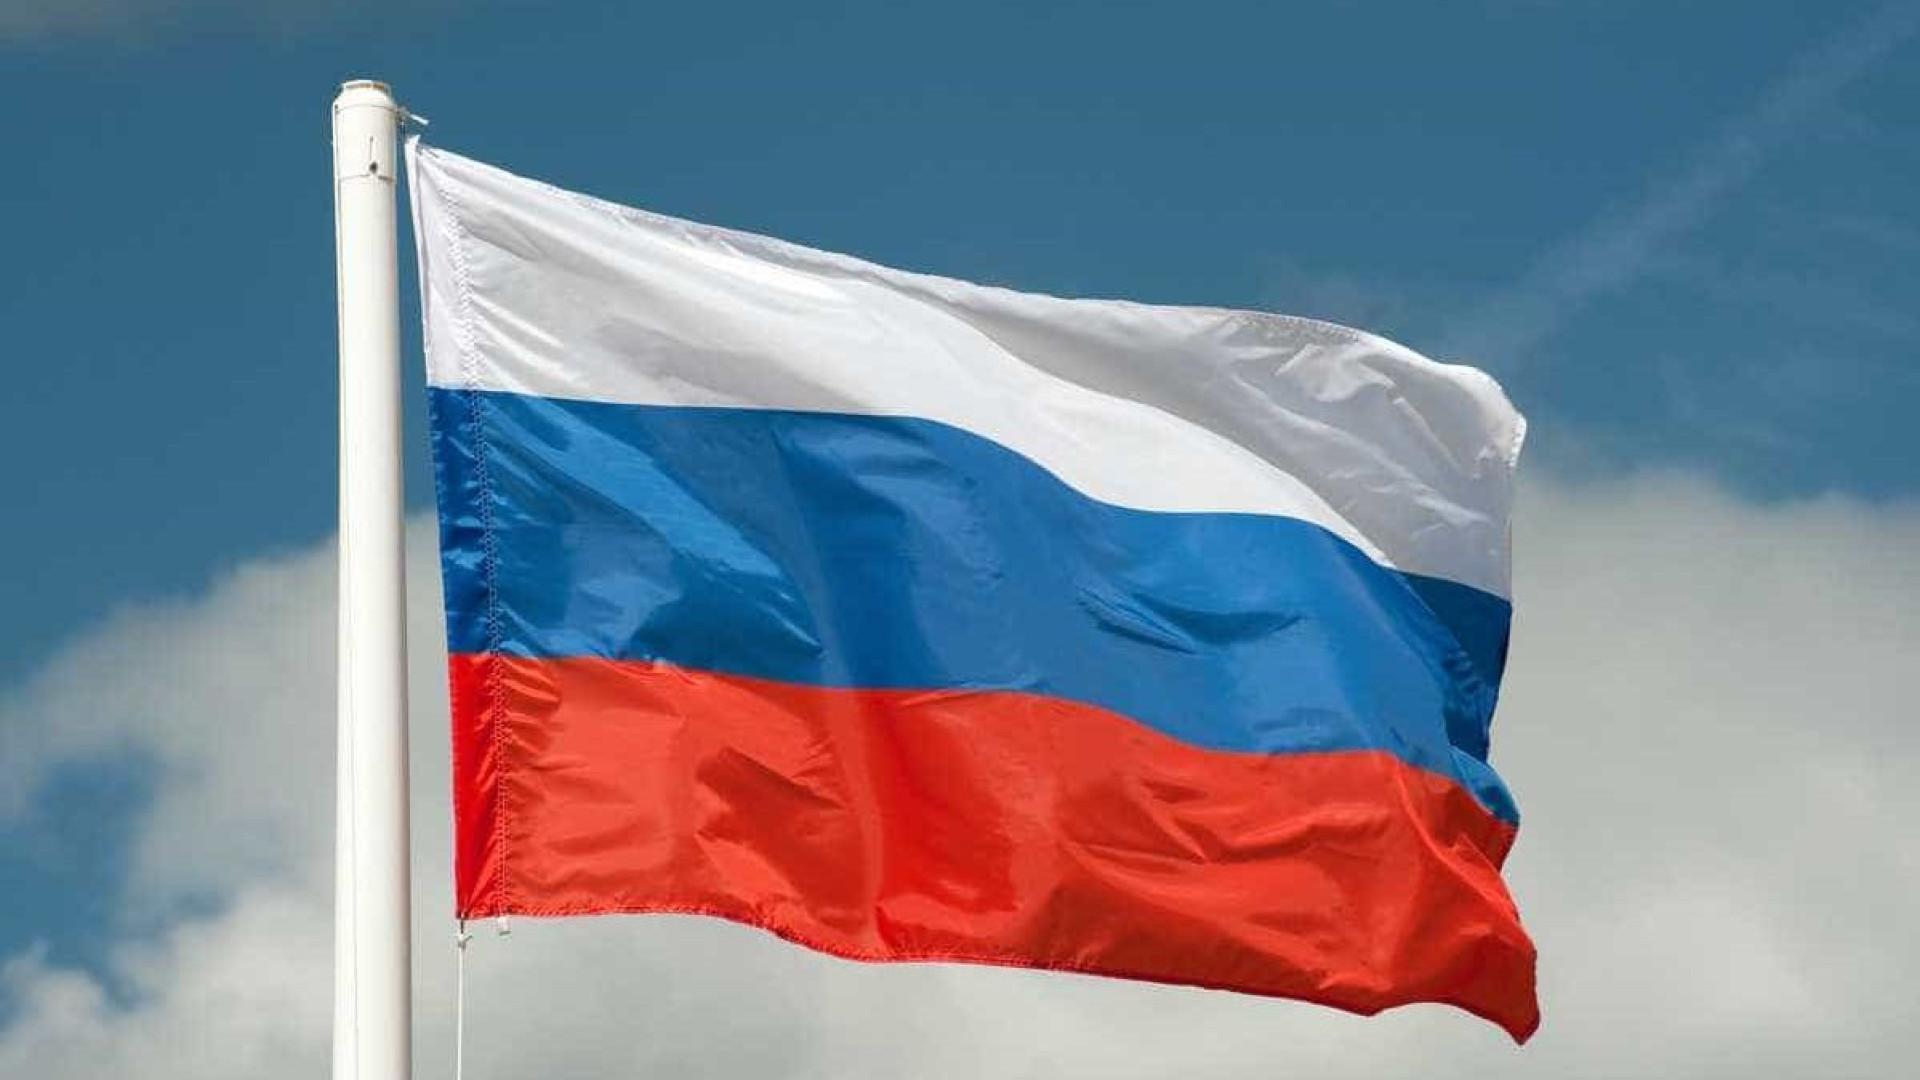 Livro sobre relações internacionais critica política europeia da Rússia